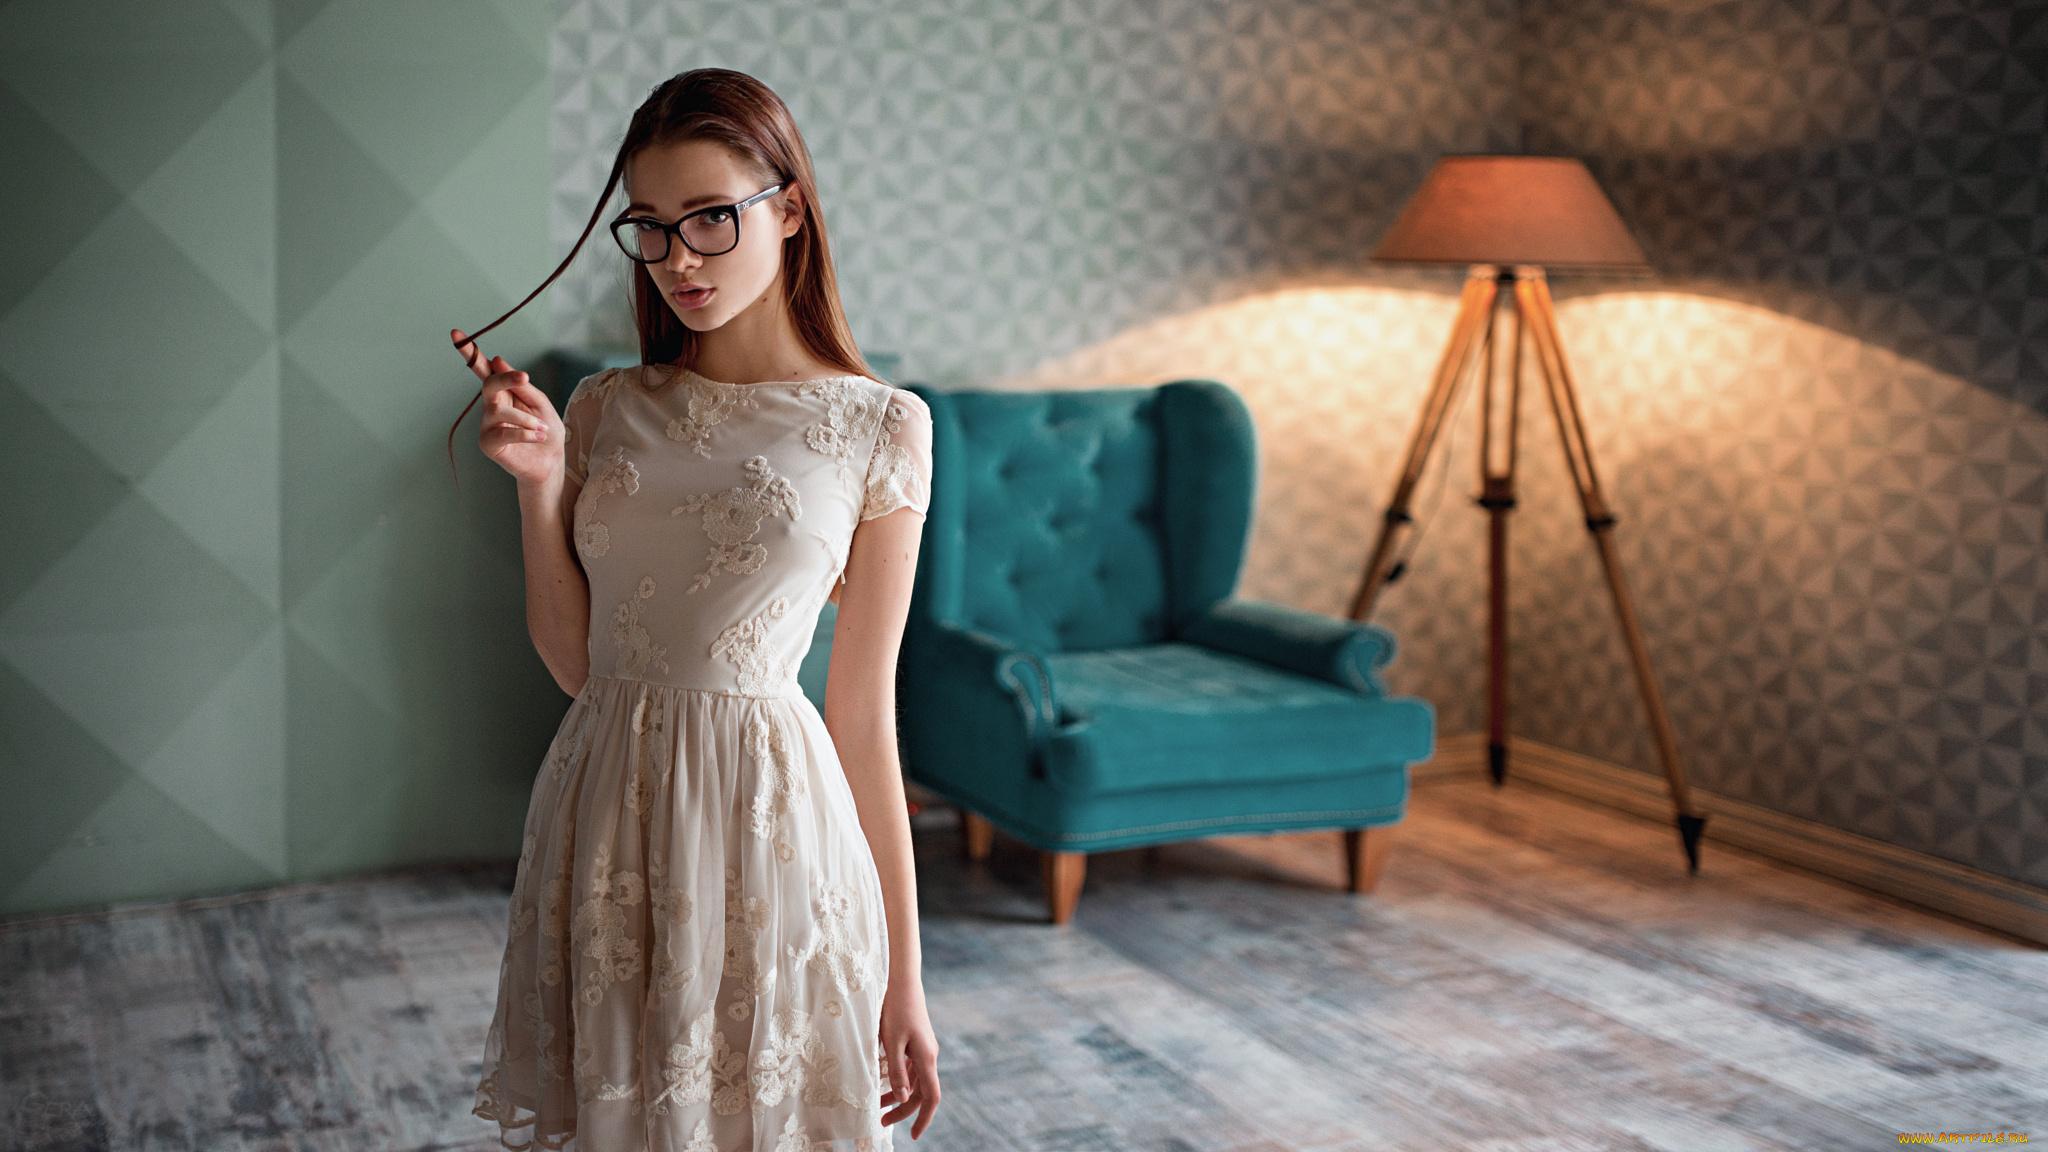 Качественное девушек в платьях